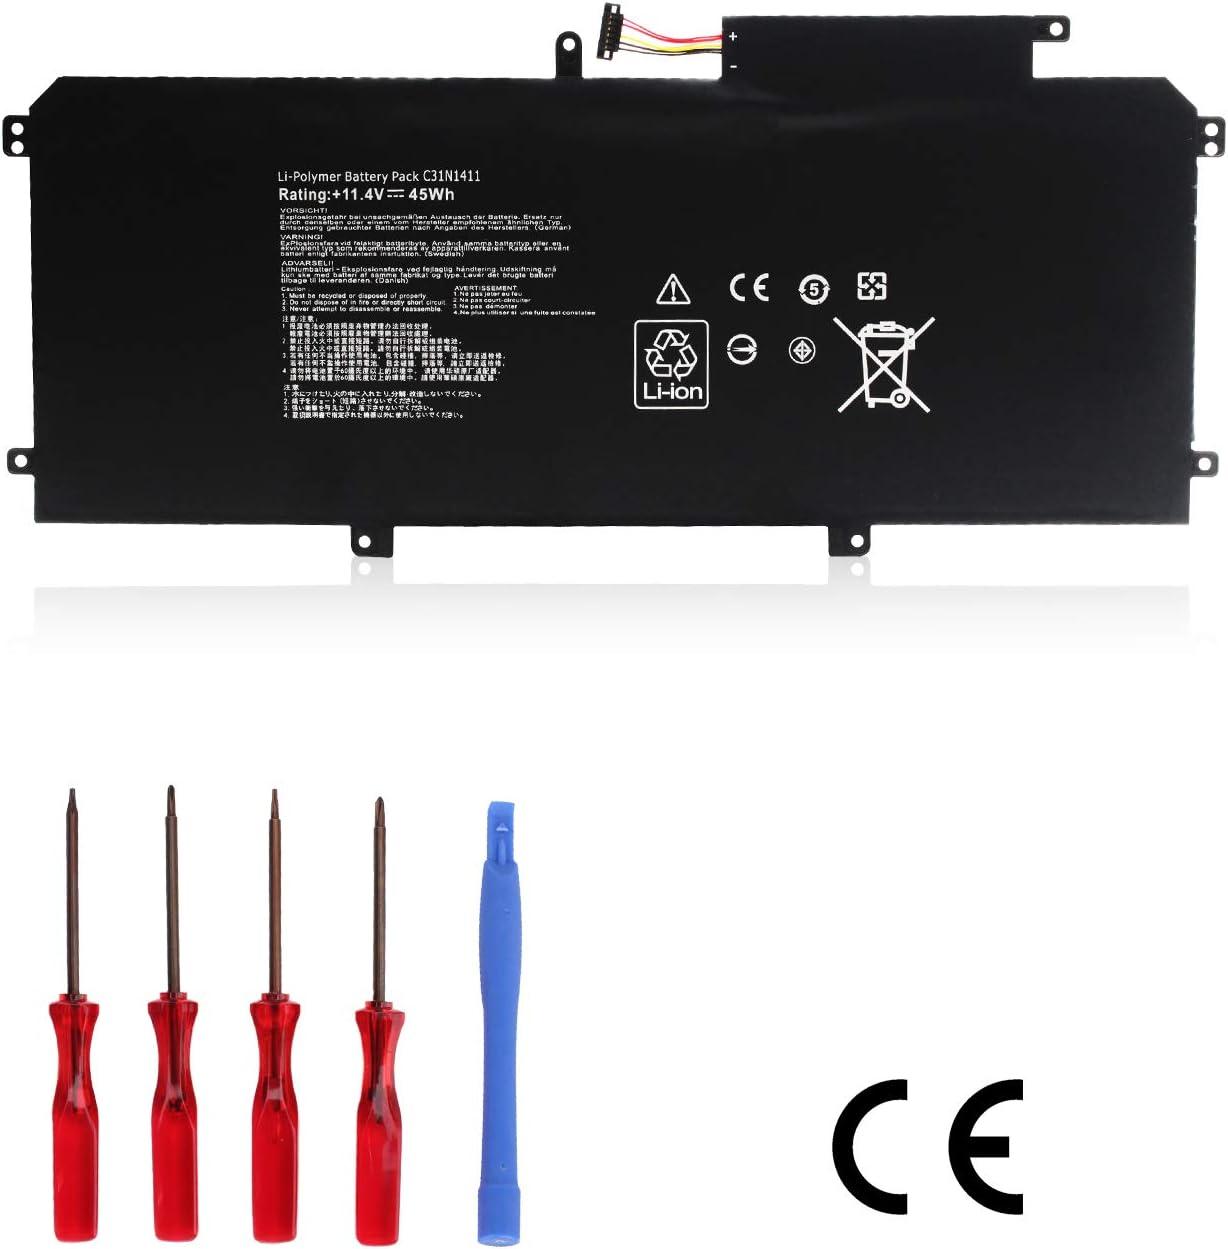 Ouside C31N1411 (45Wh) Laptop Battery Compatible ASUS ZenBook UX305 UX305CA UX305F UX305FA UX305FA-USM1 U305 U305F U305FA U305FA5Y10 U305UA Series